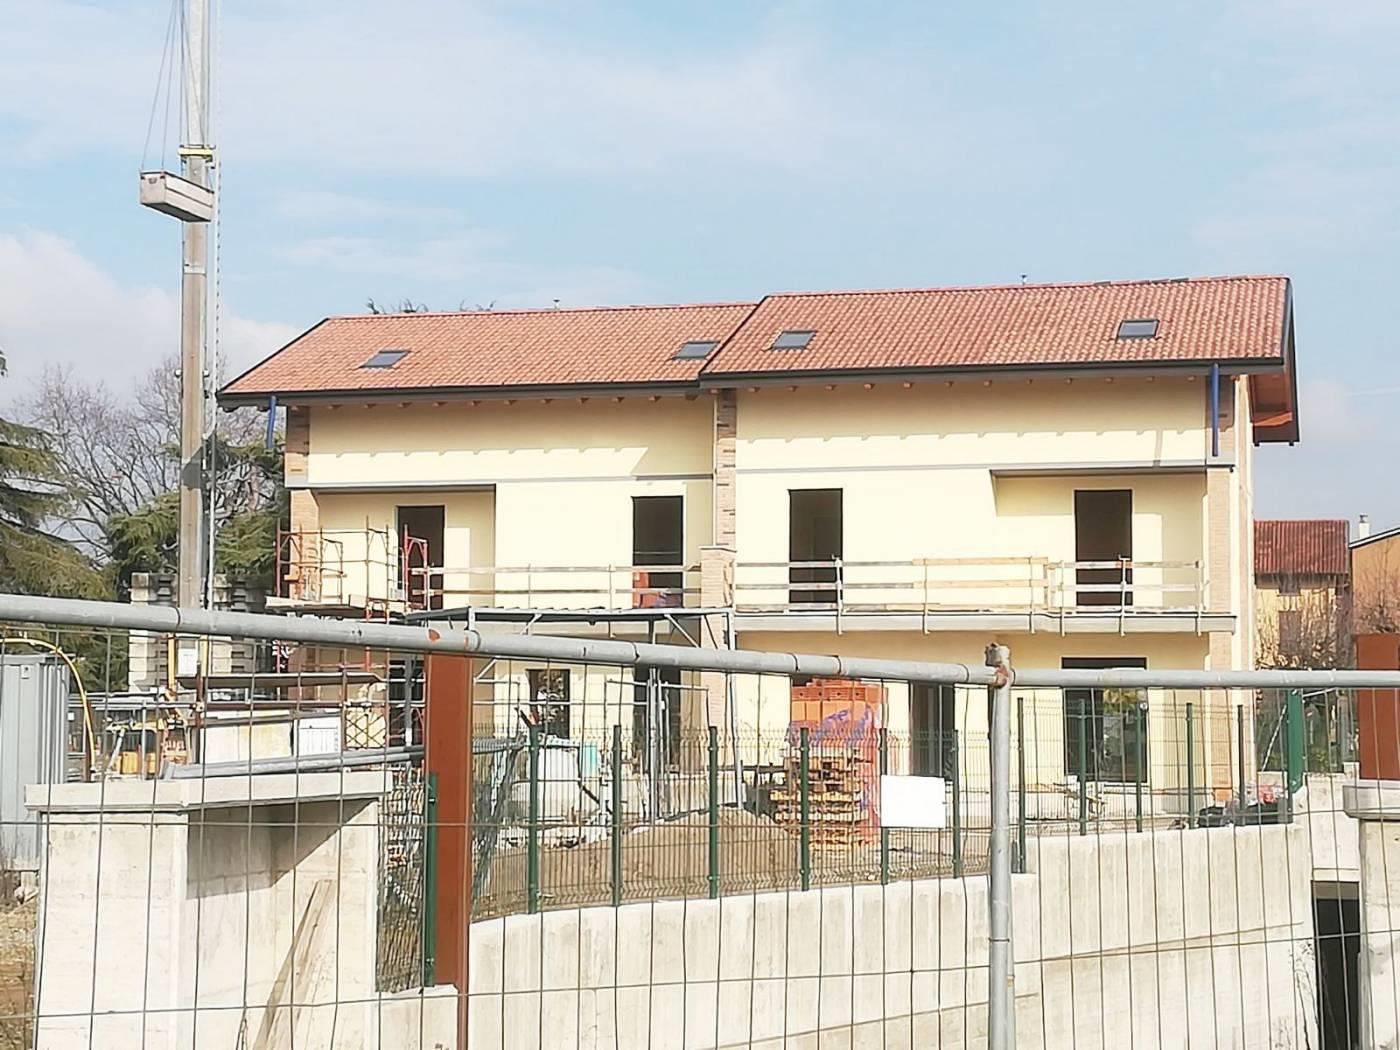 Foto 2 - Villa in Vendita - Aicurzio (Monza e Brianza)